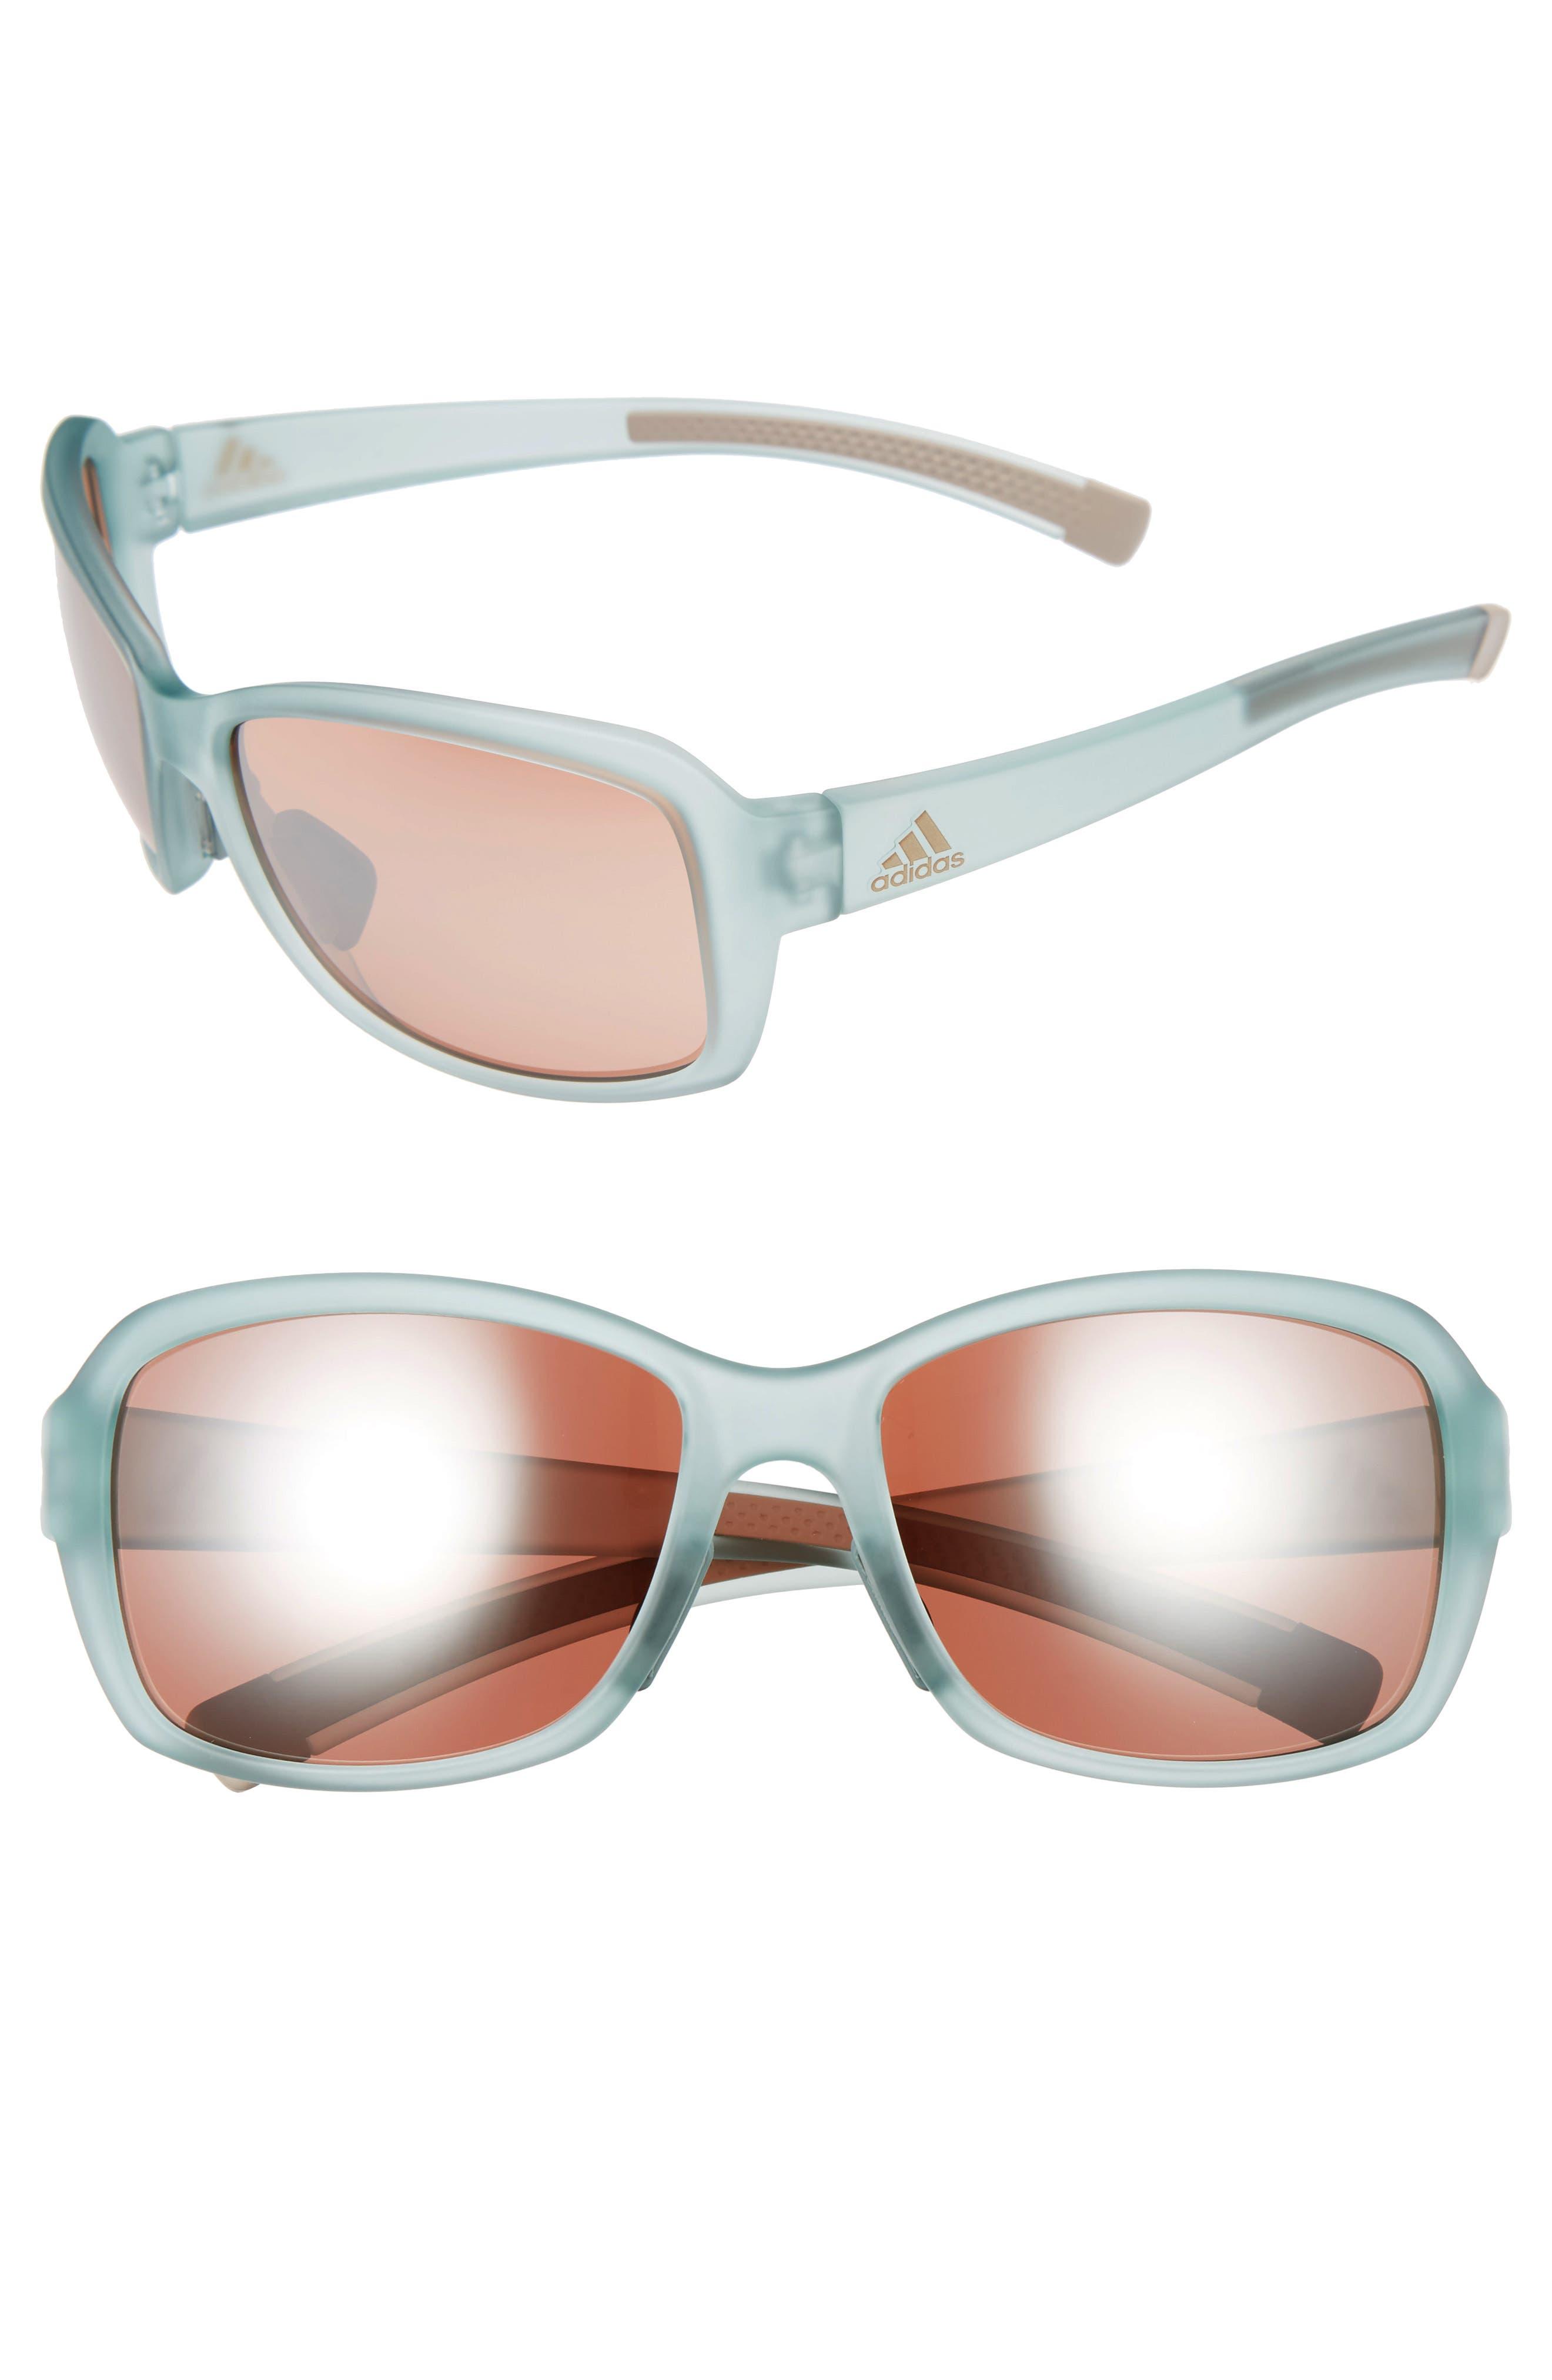 Baboa 58mm Sunglasses,                             Alternate thumbnail 6, color,